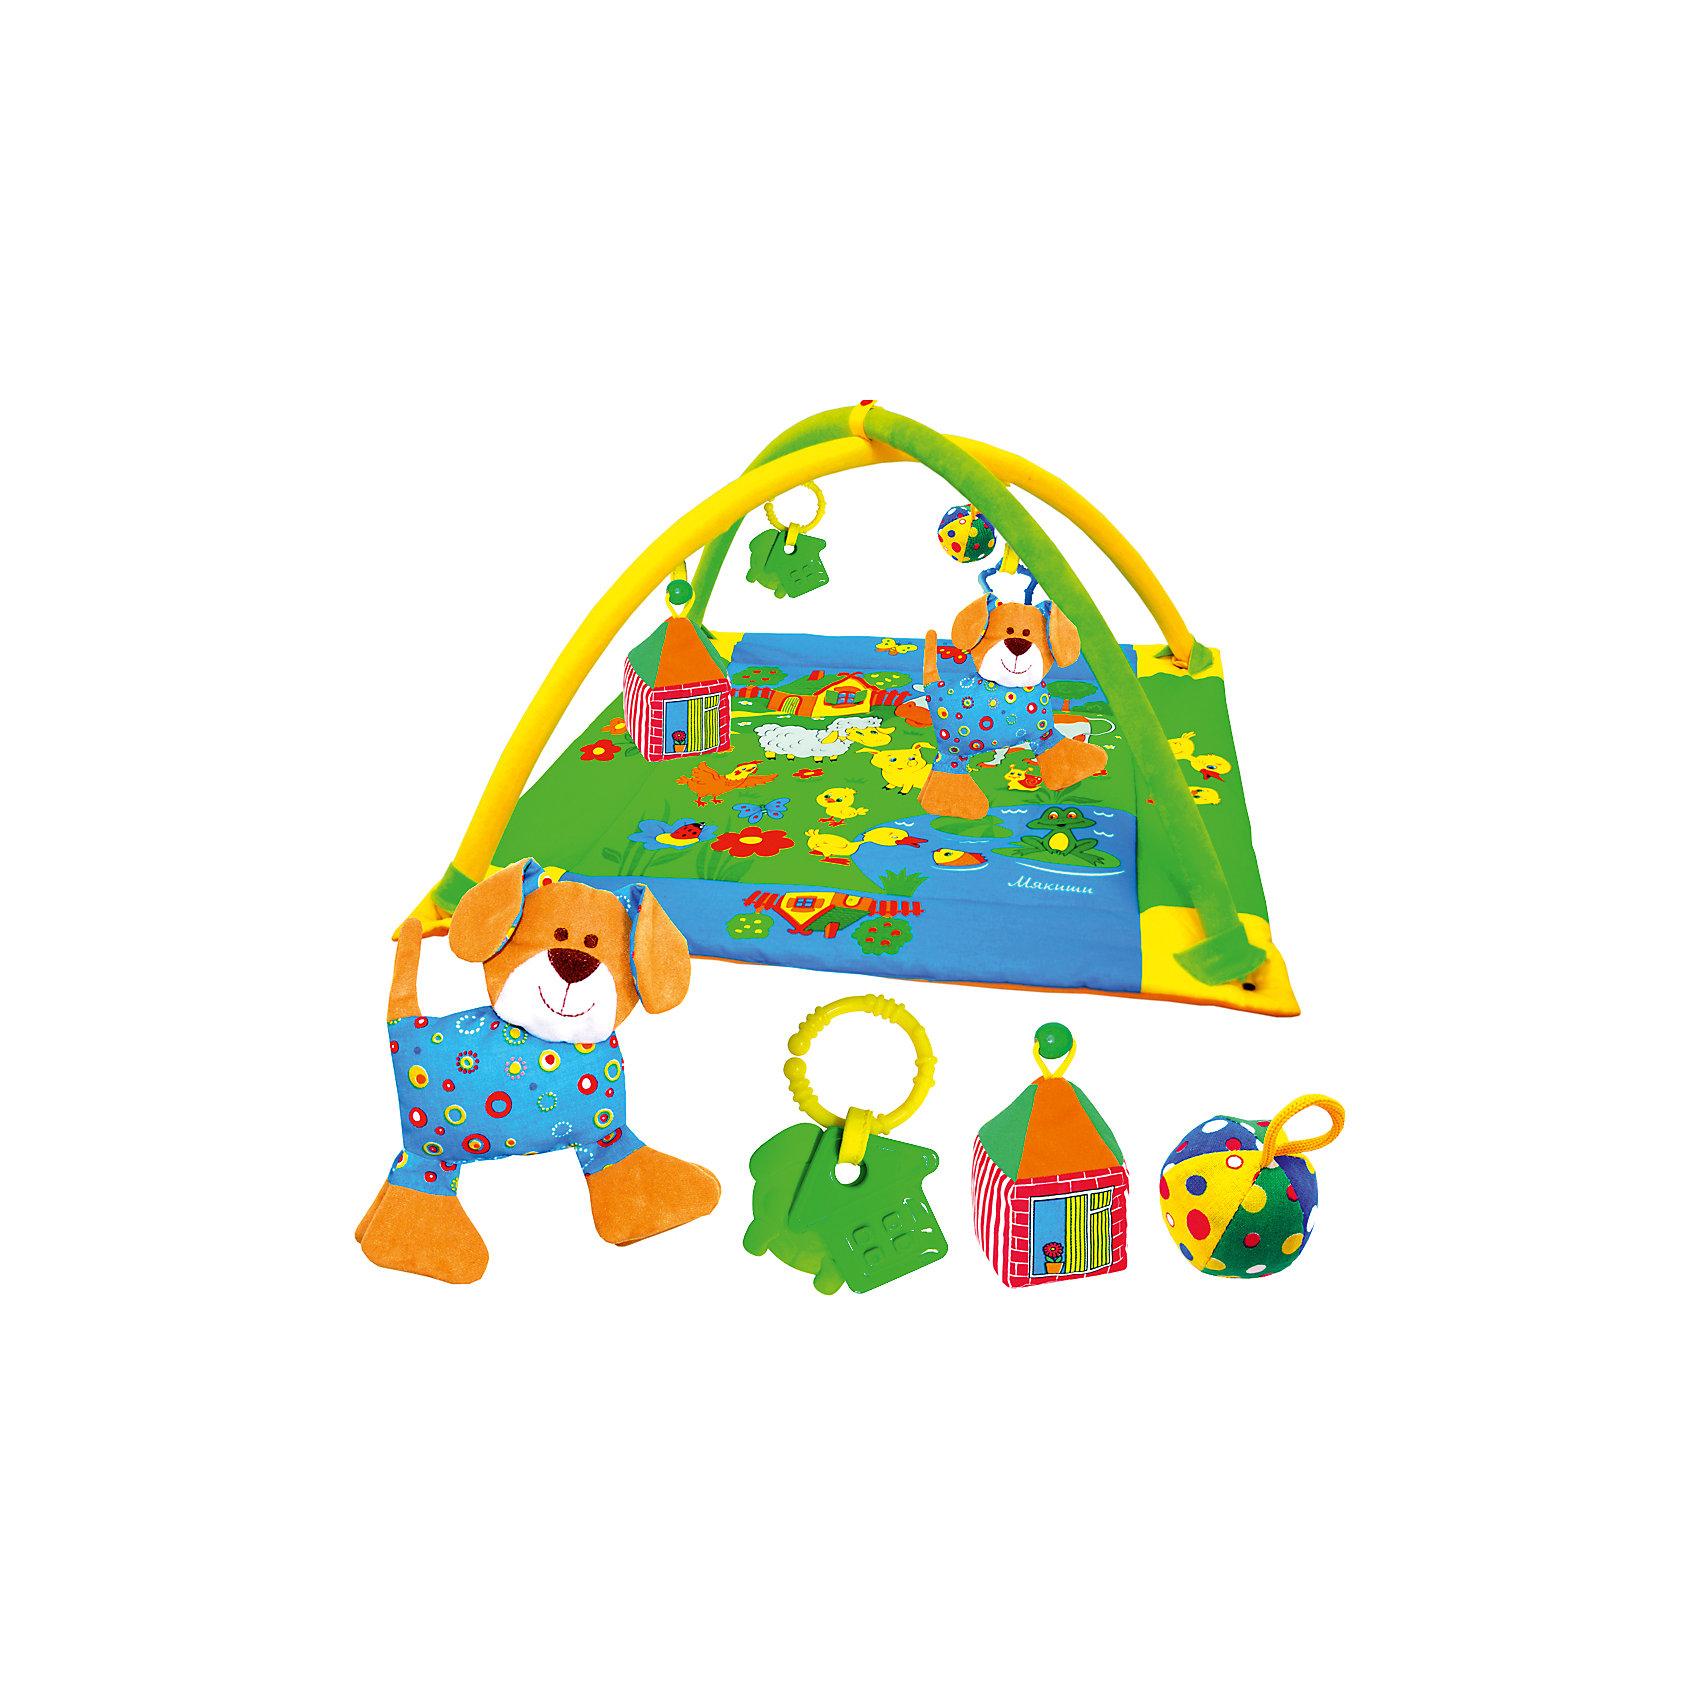 Развивающий коврик Лужайка с собачкой, МякишиРазвивающий коврик Лужайка с собачкой, Мякиши, непременно привлечет внимание Вашего малыша и поможет в развитии самых важных навыков в первые месяцы жизни. Мягкий красочный коврик украшен изображениями зеленой лужайки с прудиком, домиком и веселыми домашними зверюшками. Благодаря большому размеру ребенок может лежать на коврике на спинке и на животике, а затем и ползать по нему, рассматривая привлекательные картинки и изучая спрятанные секреты. У домика открываются и закрываются текстильные окошки, озеро издает хрустящий звук, а утенок крякает. Дуги в виде арок помогут малышу расслабиться и создают эффект безопасного замкнутого пространства. На них можно повесить мягкие забавные игрушки (входят в комплект): добродушного песика с погремушкой внутри, мячик-погремушку, разноцветный домик с открывающимся окошком, а также два прорезывателя для зубов. Коврик от Мякишей - это прекрасный сенсорный тренажер, который учит малыша ориентироваться в пространстве, развивает тактильное, звуковое и цветовое восприятия, координацию движений и мелкую моторику рук.<br><br>Дополнительная информация:<br><br>- Комплект: коврик, 2 дуги, 3 мягкие игрушки, 2 прорезывателя.<br>- Материал: 100% х/б ткань, мех, трикотаж, холлофайбер, фурнитура.<br>- Размер коврика: 90 х 90 см.<br>- Размер упаковки: 85 х 61,5 х 7 см.<br>- Вес: 1,2 кг.<br><br>Развивающий коврик Лужайка с собачкой, Мякиши, можно купить в нашем интернет-магазине.<br><br>Ширина мм: 900<br>Глубина мм: 900<br>Высота мм: 150<br>Вес г: 1200<br>Возраст от месяцев: 0<br>Возраст до месяцев: 24<br>Пол: Унисекс<br>Возраст: Детский<br>SKU: 4424928